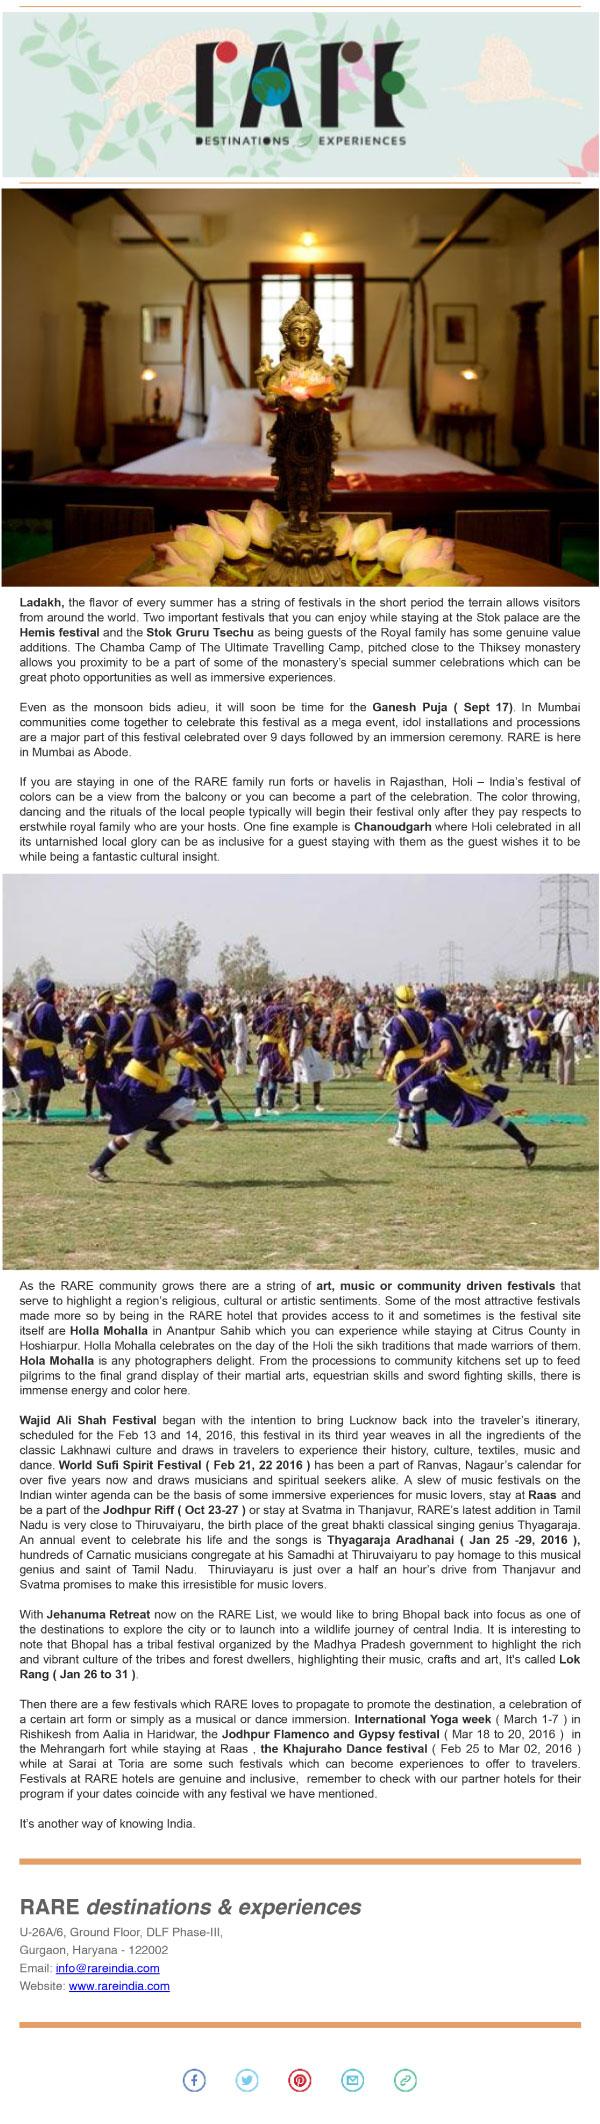 RARE---Newsletter-Celebrating-India-II-.jpg